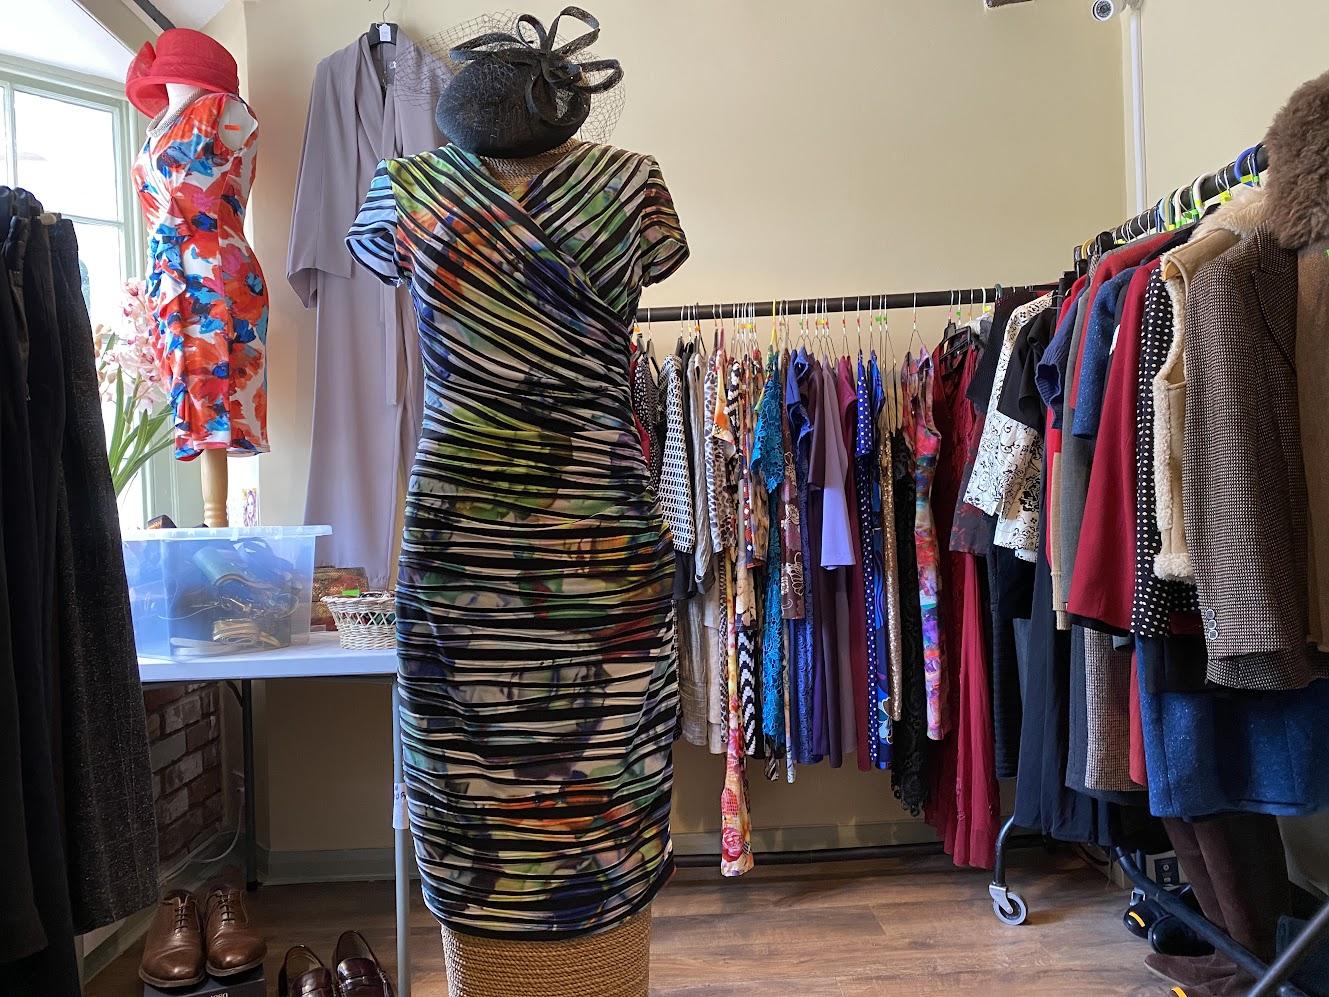 Pop Up Designer Shop, Tenterden